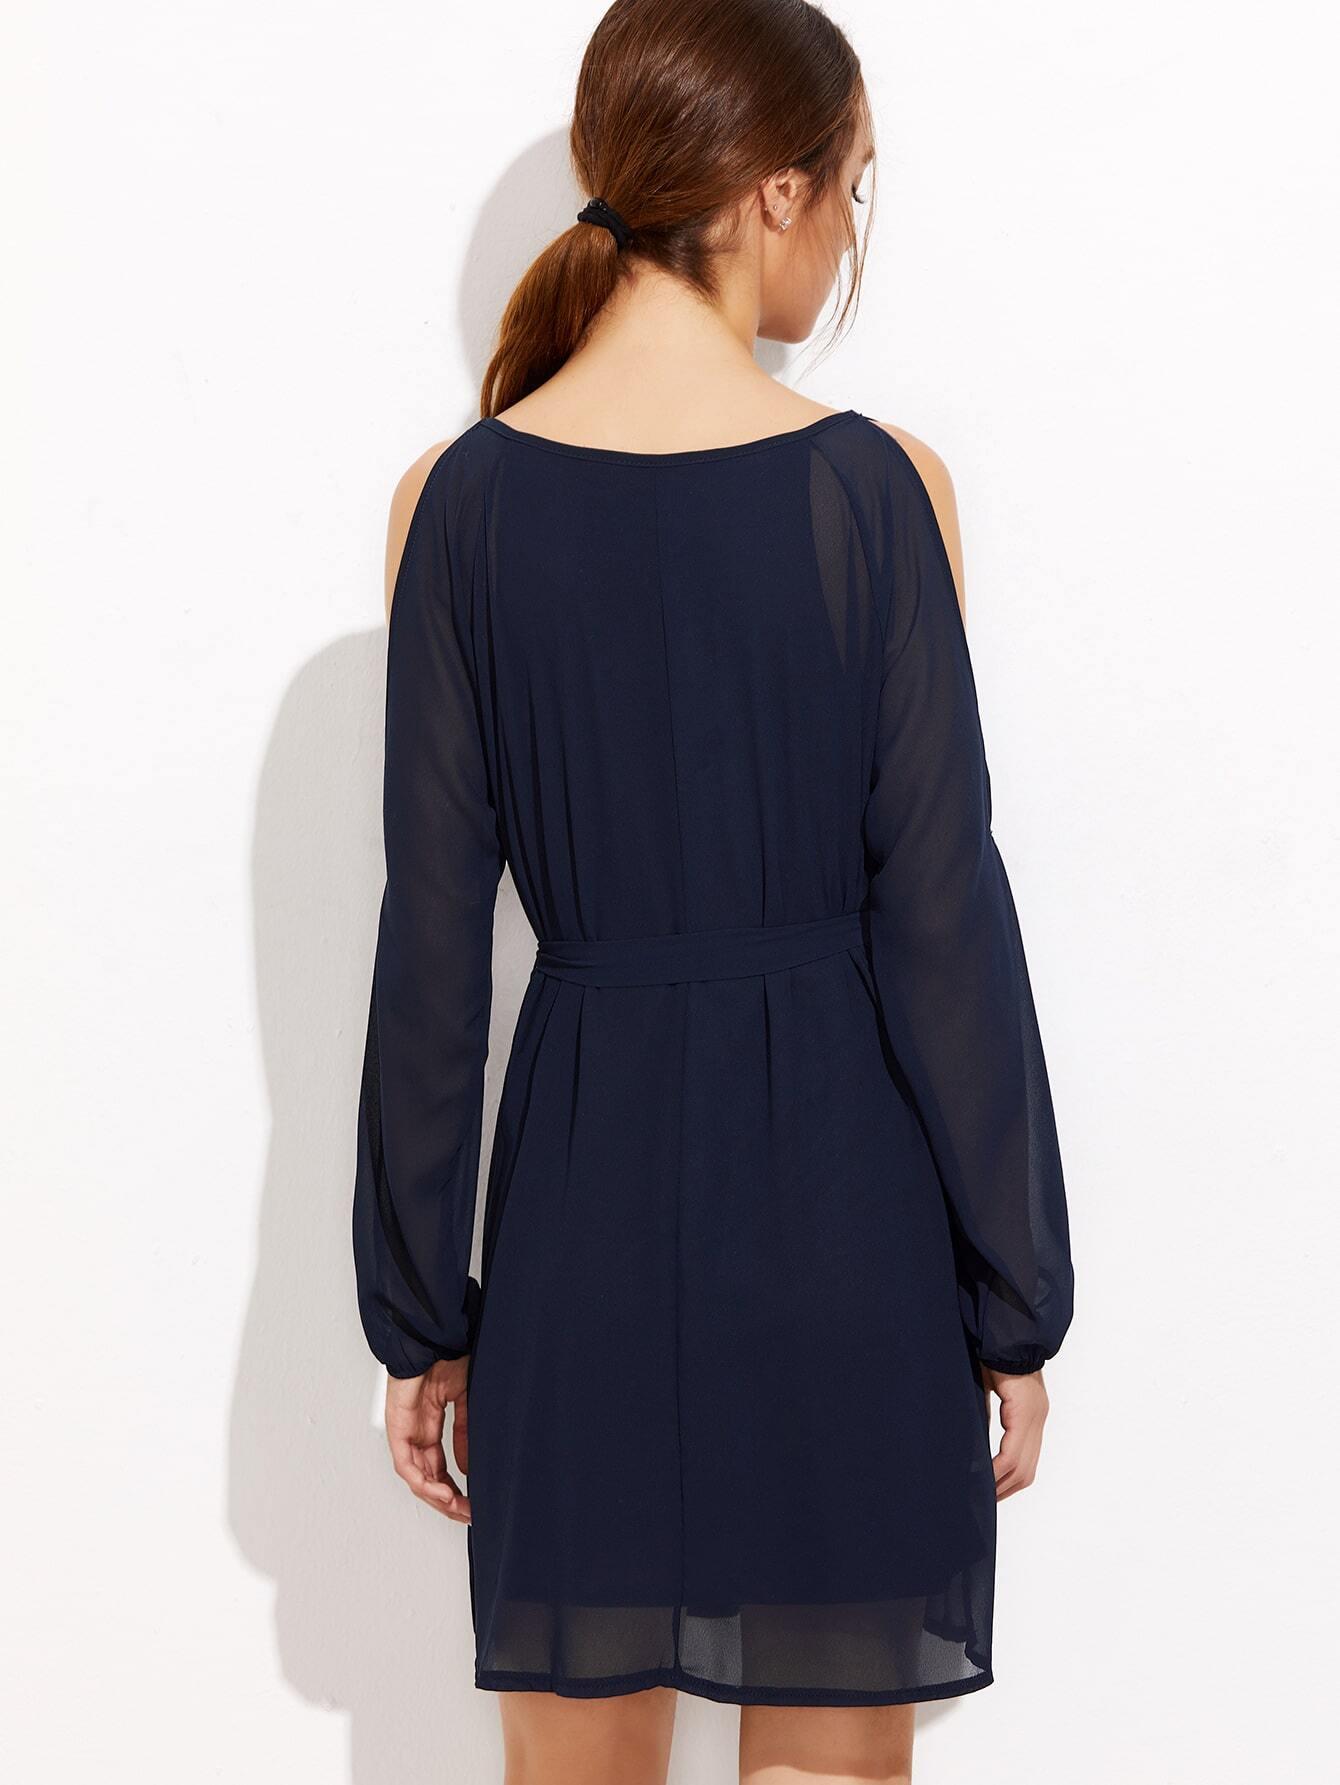 dress161027001_2